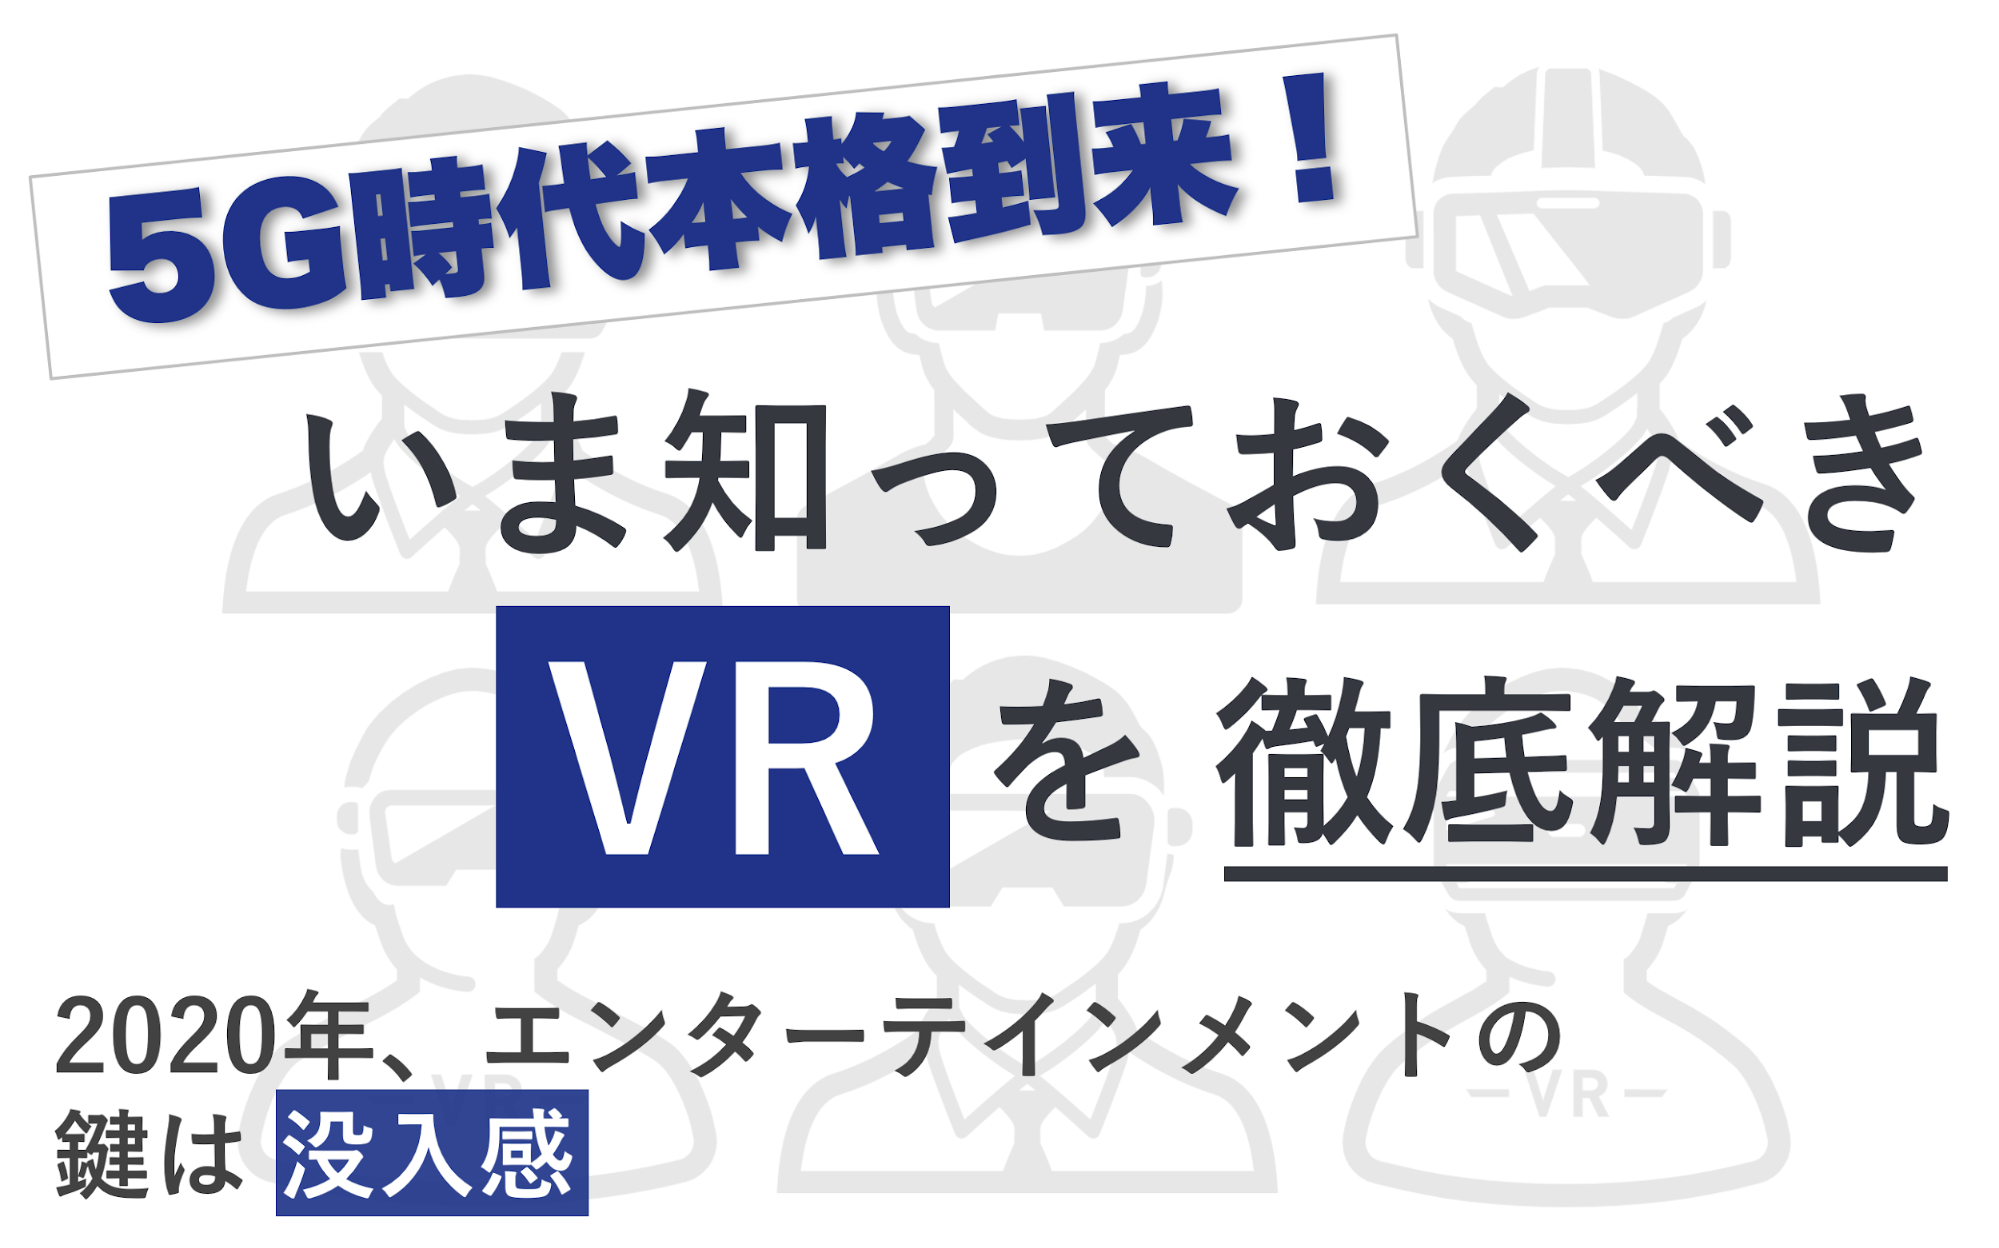 5G時代本格到来!いま知っておくべき「VR」を徹底解説 〜2020年 ...